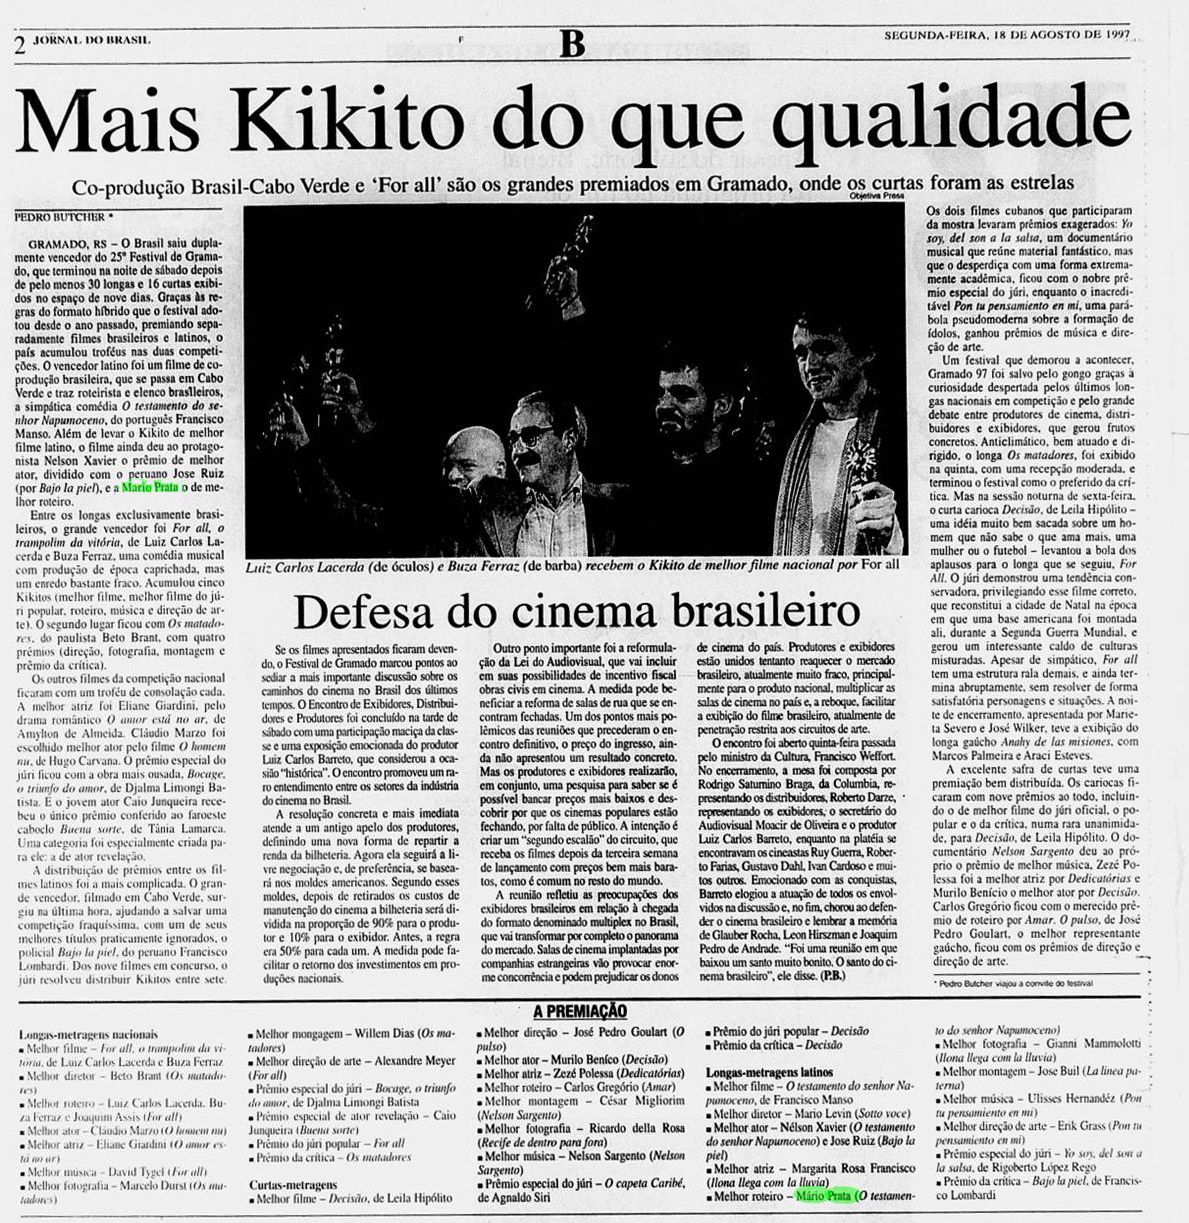 jornal_do_brasil_105